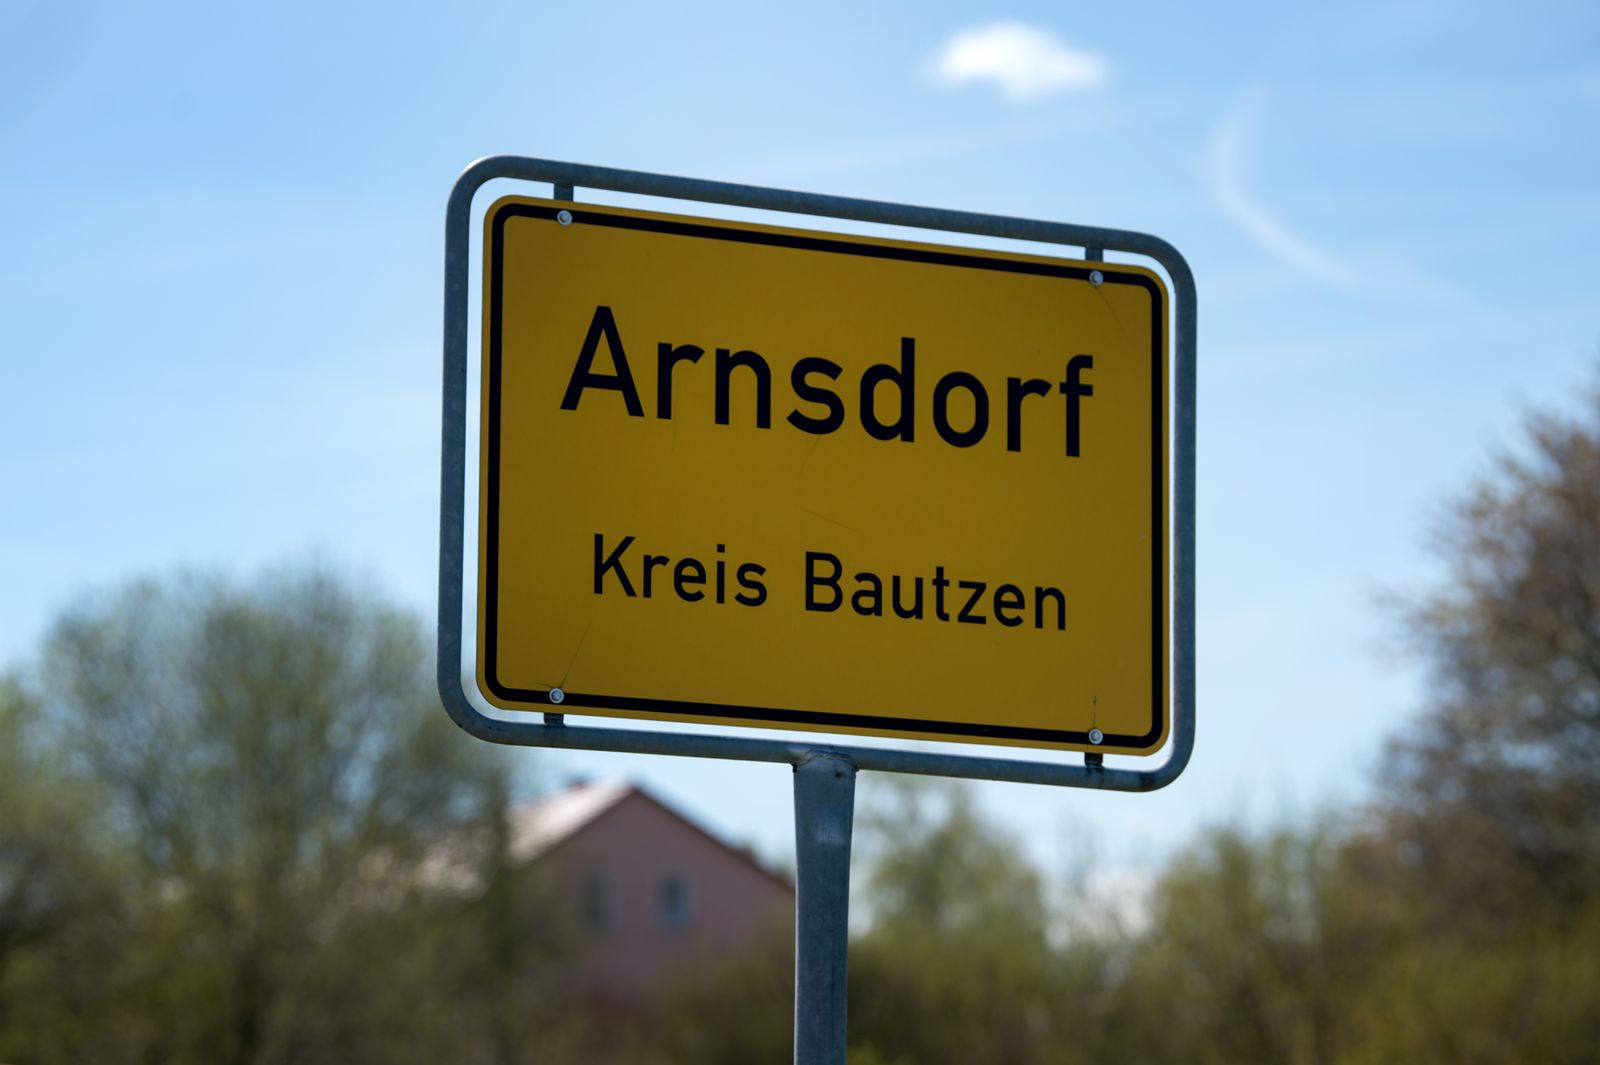 Arnsdorf/ Bautzen/ Sachsen